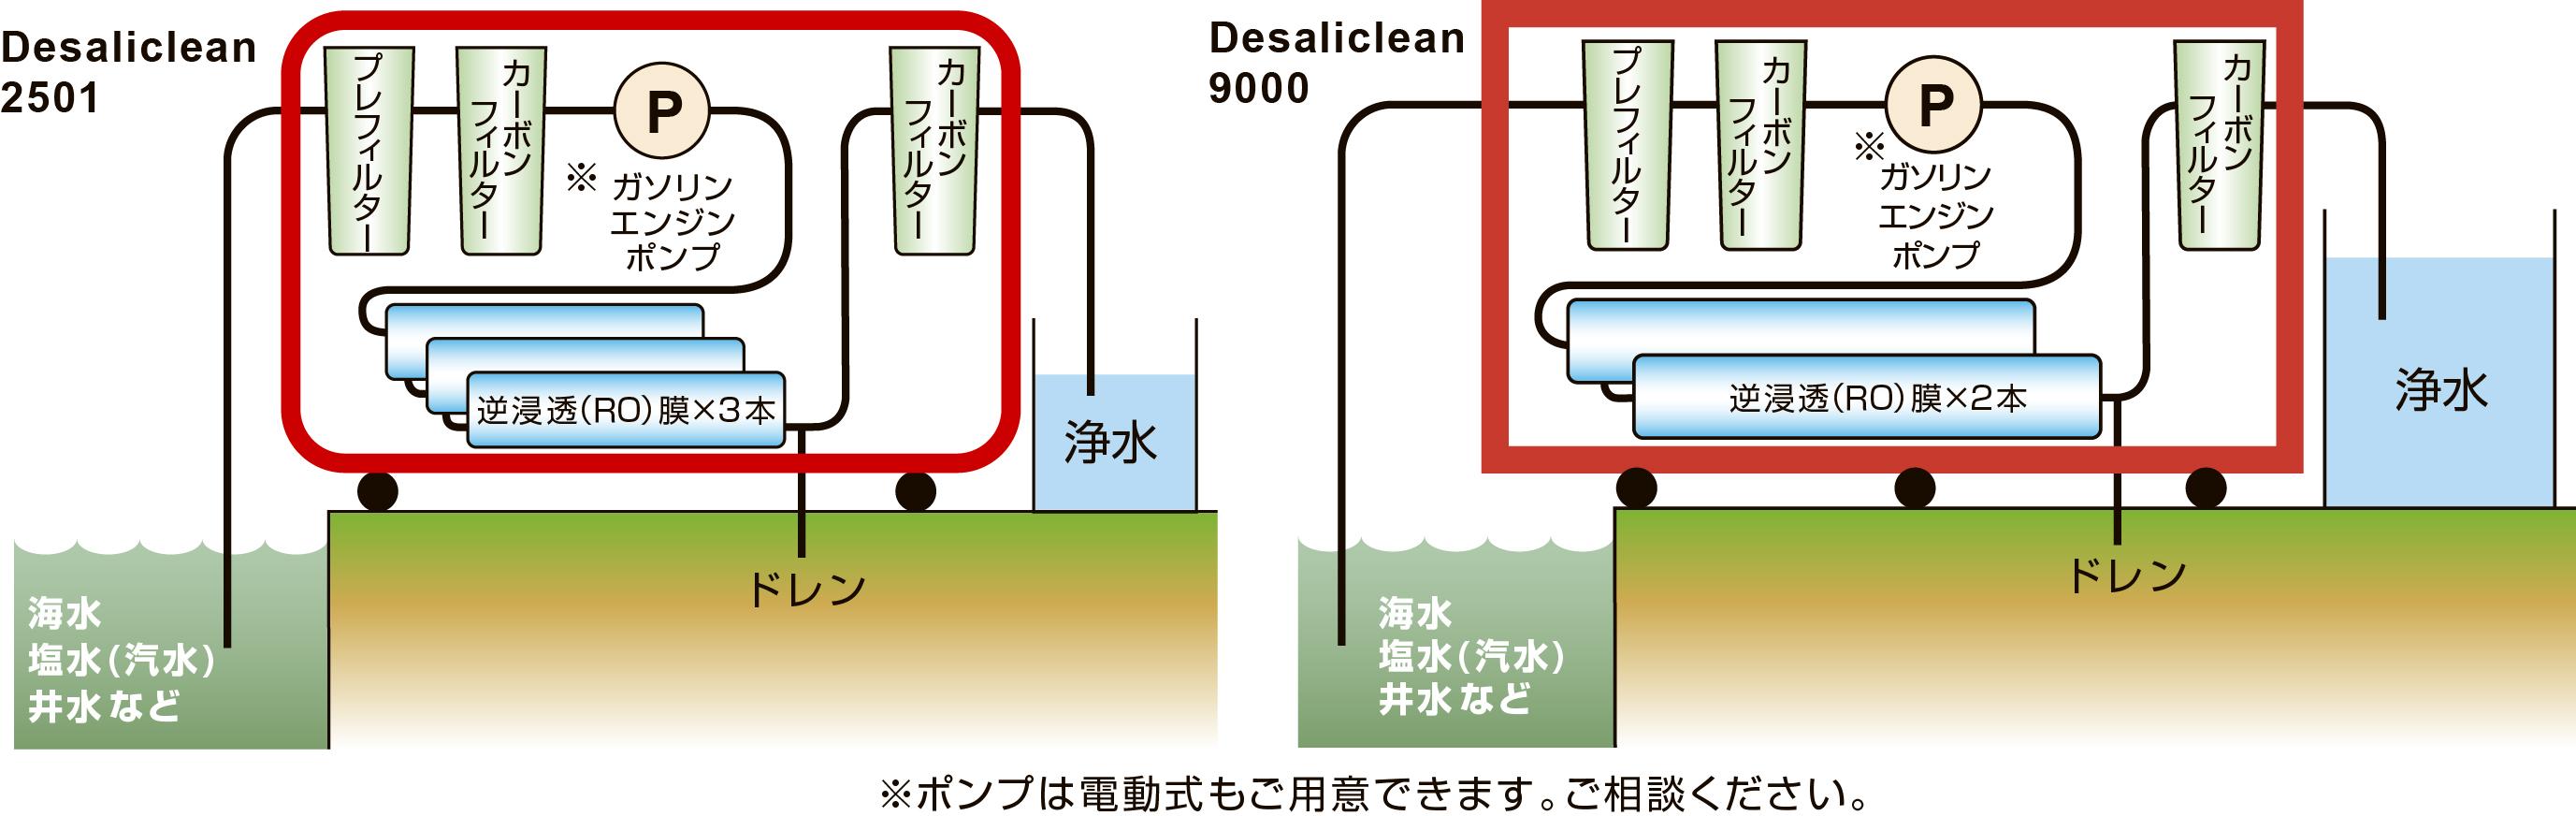 フロー概略図